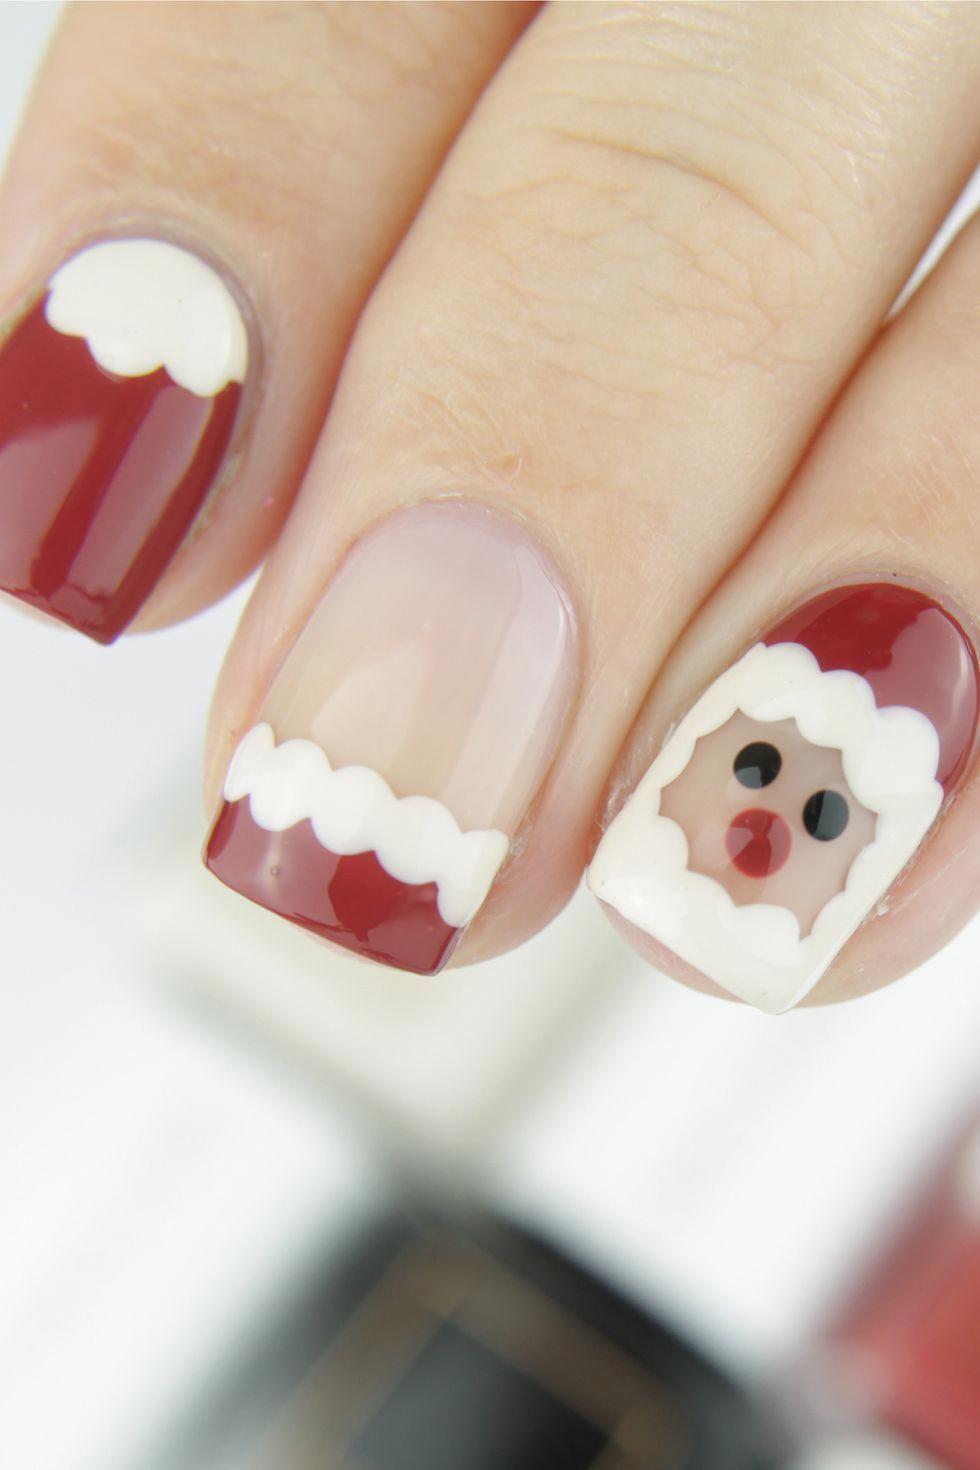 Santa Claus Christmas Nail Art Naildiy Christmas Nails Easy Christmas Nail Art Designs Christmas Nail Designs Easy